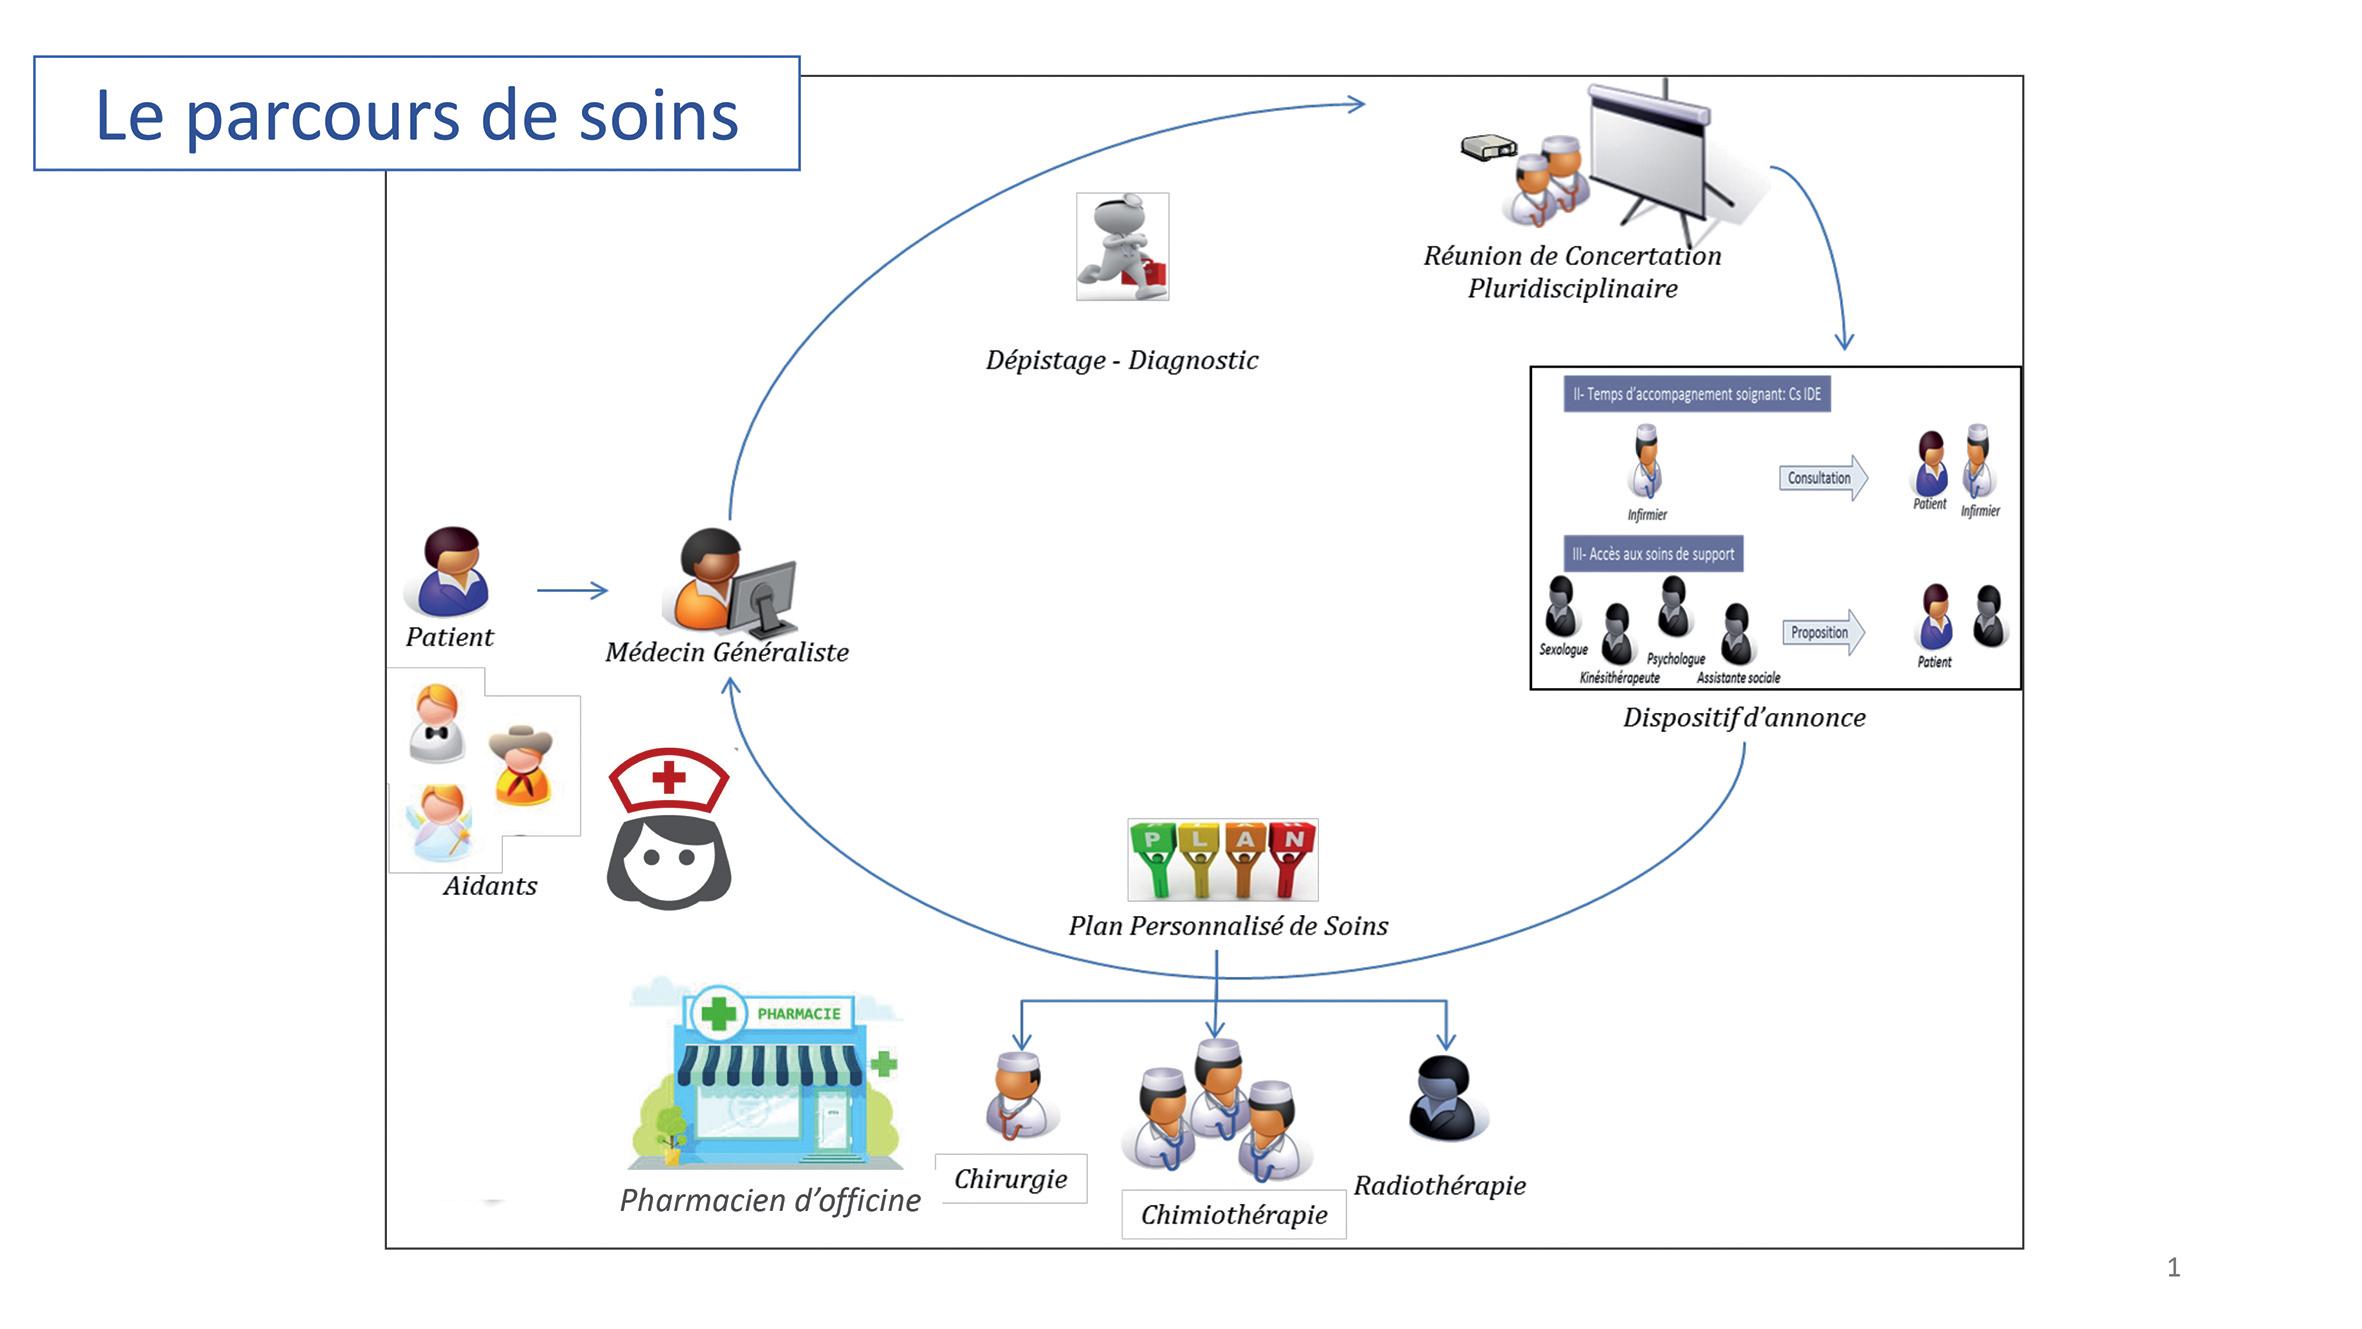 Figure 1. Parcours de soins en cancérologie. ©DR